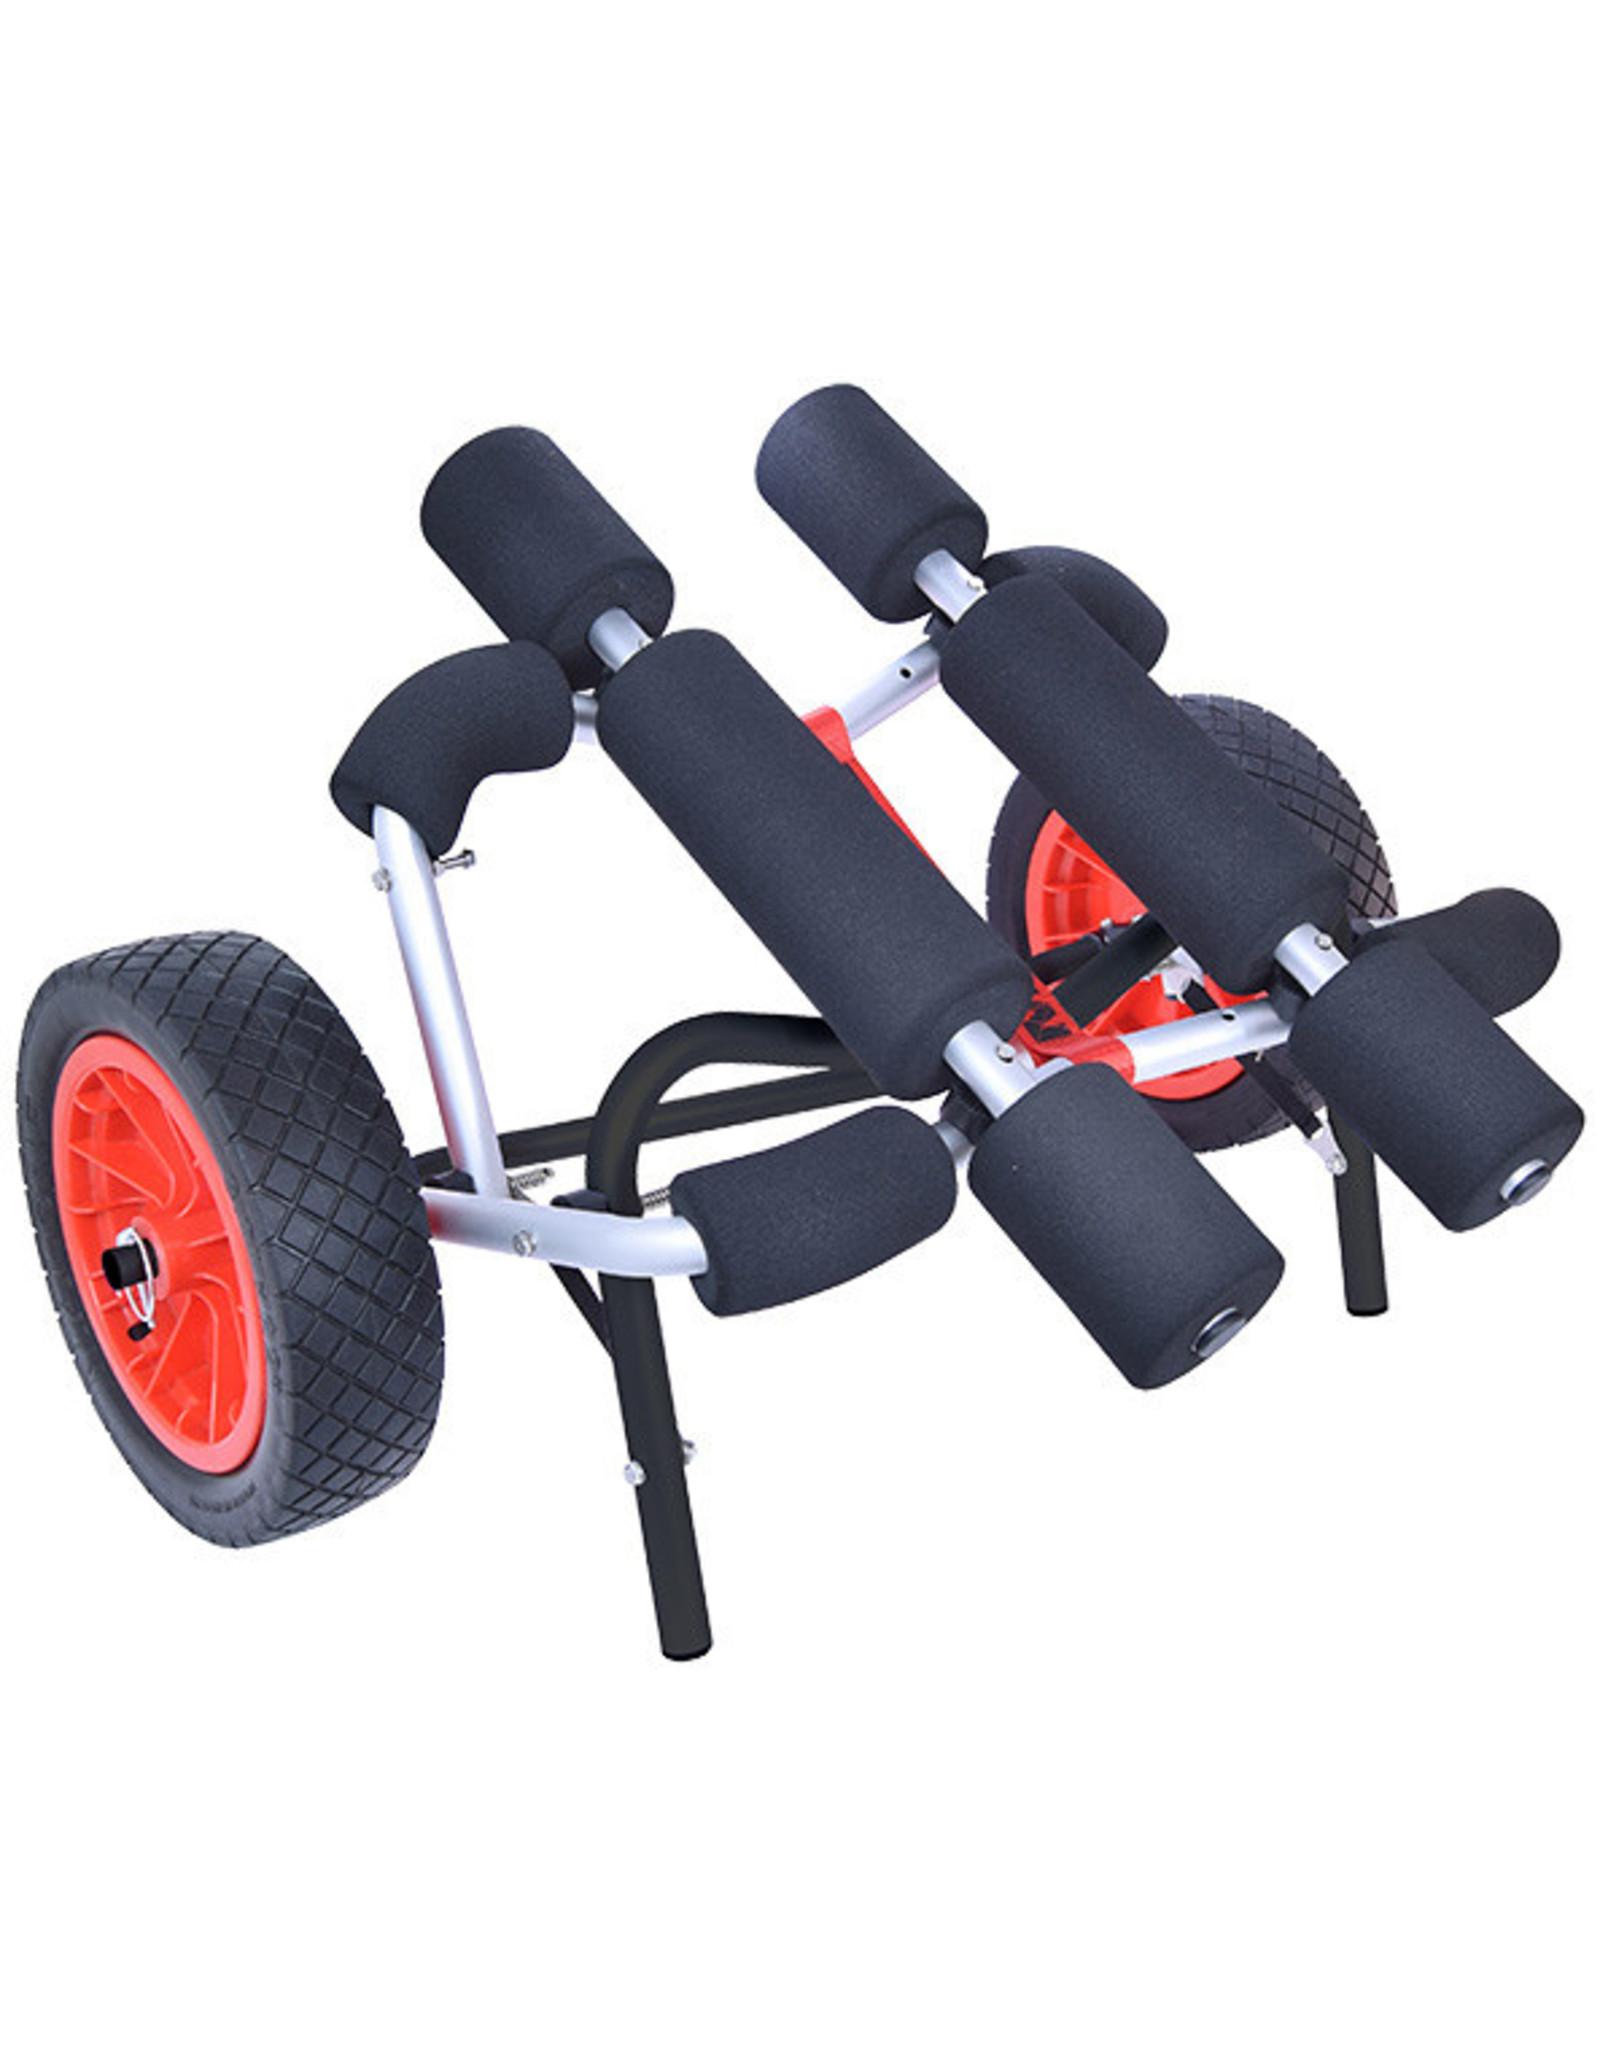 Malone Auto Rack Malone WideTrak™ATB kayak/canoe cart